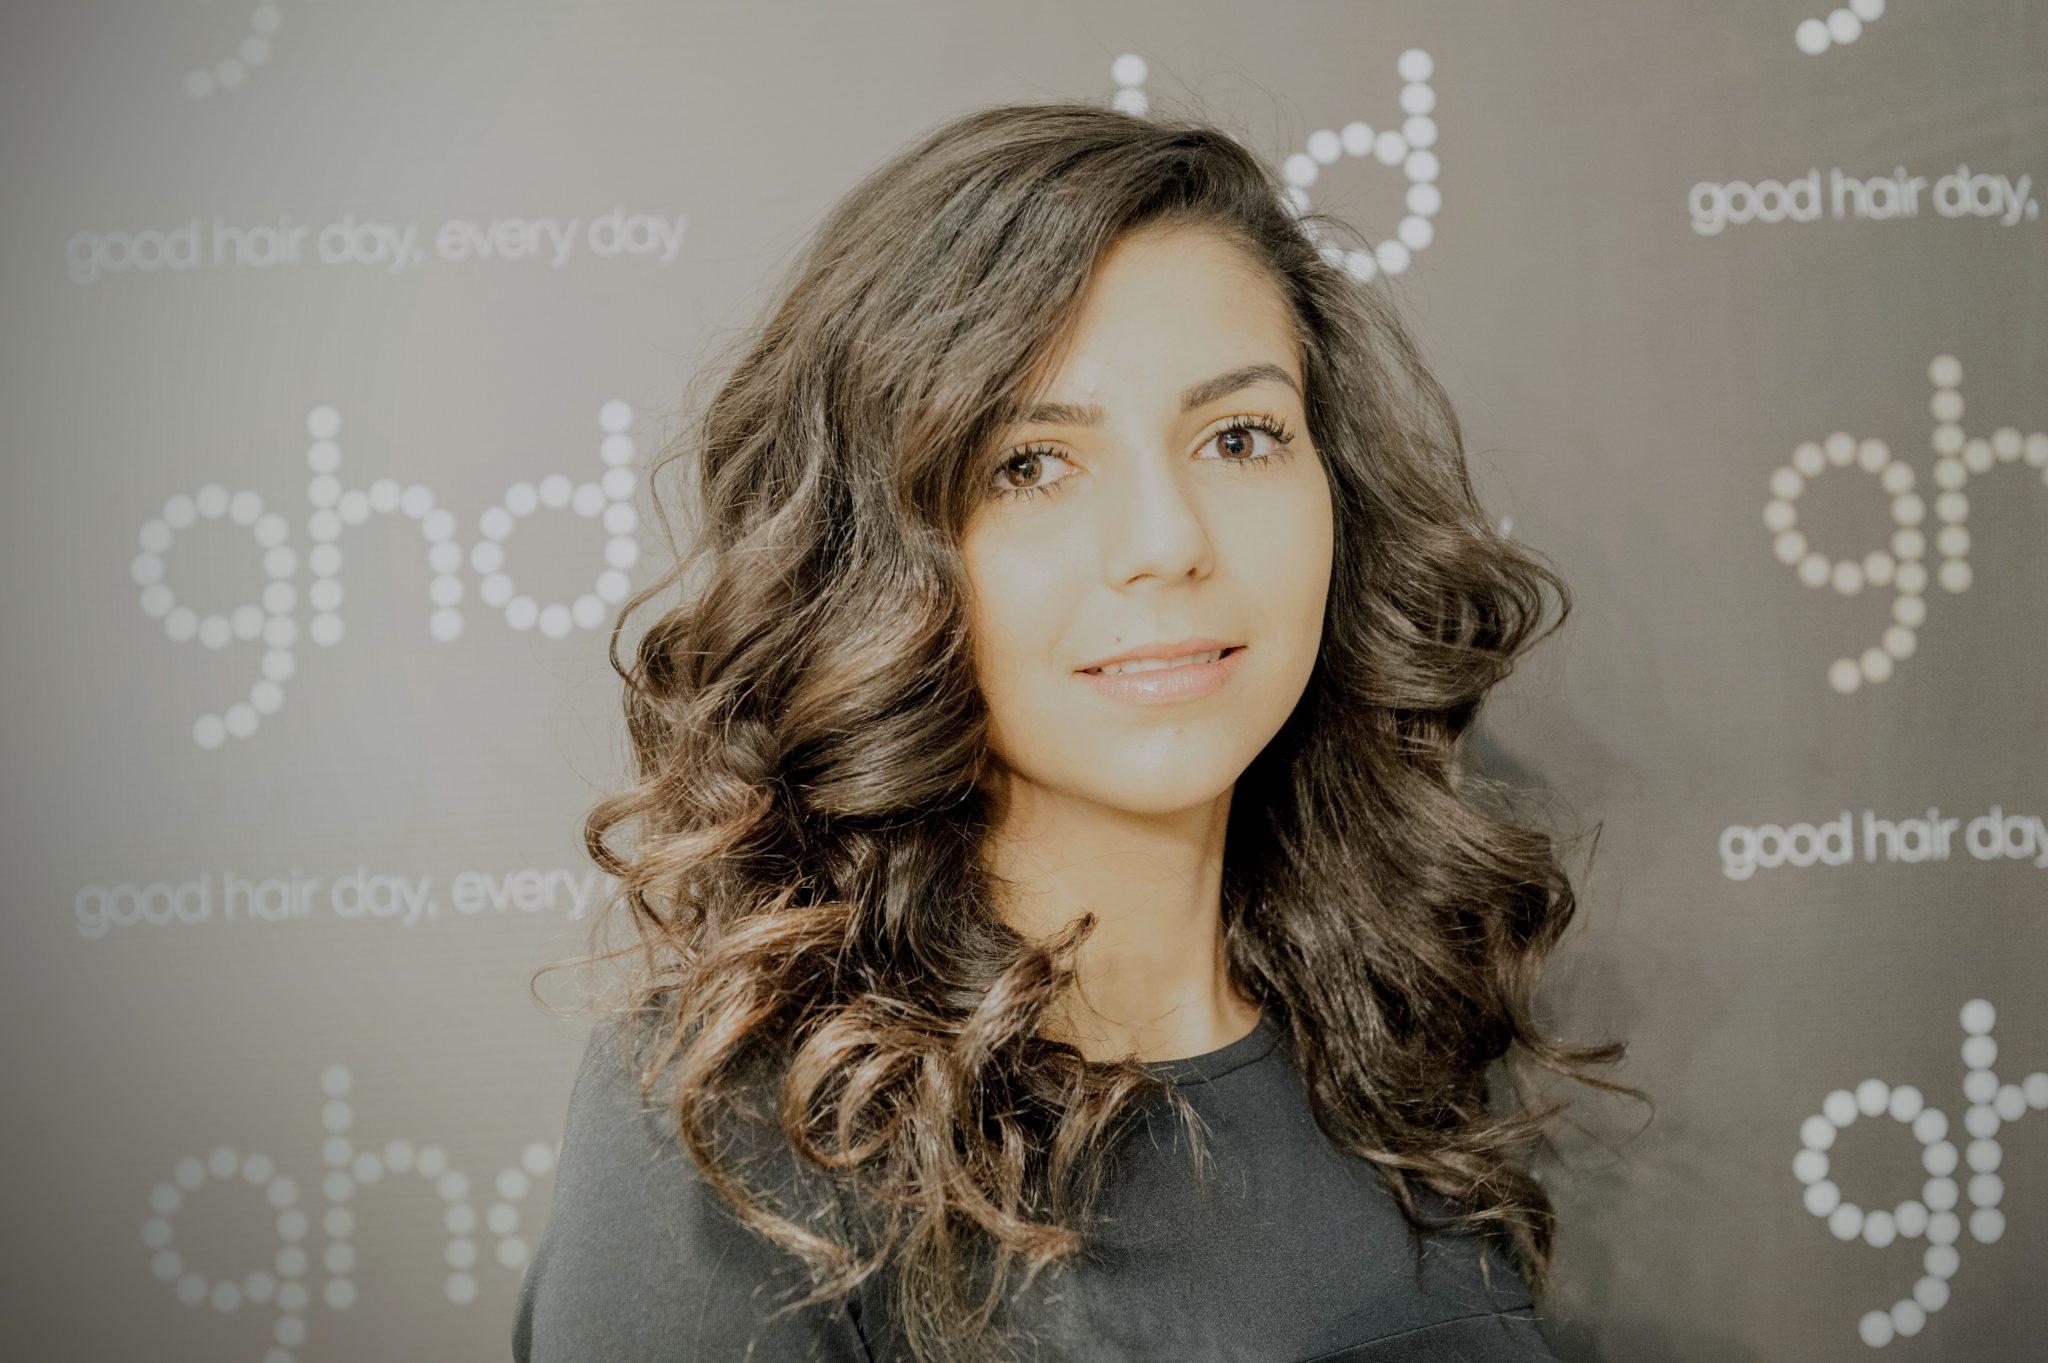 Îngrijire anti-aging pentru părul tău. Tipsuri de la experții ghd